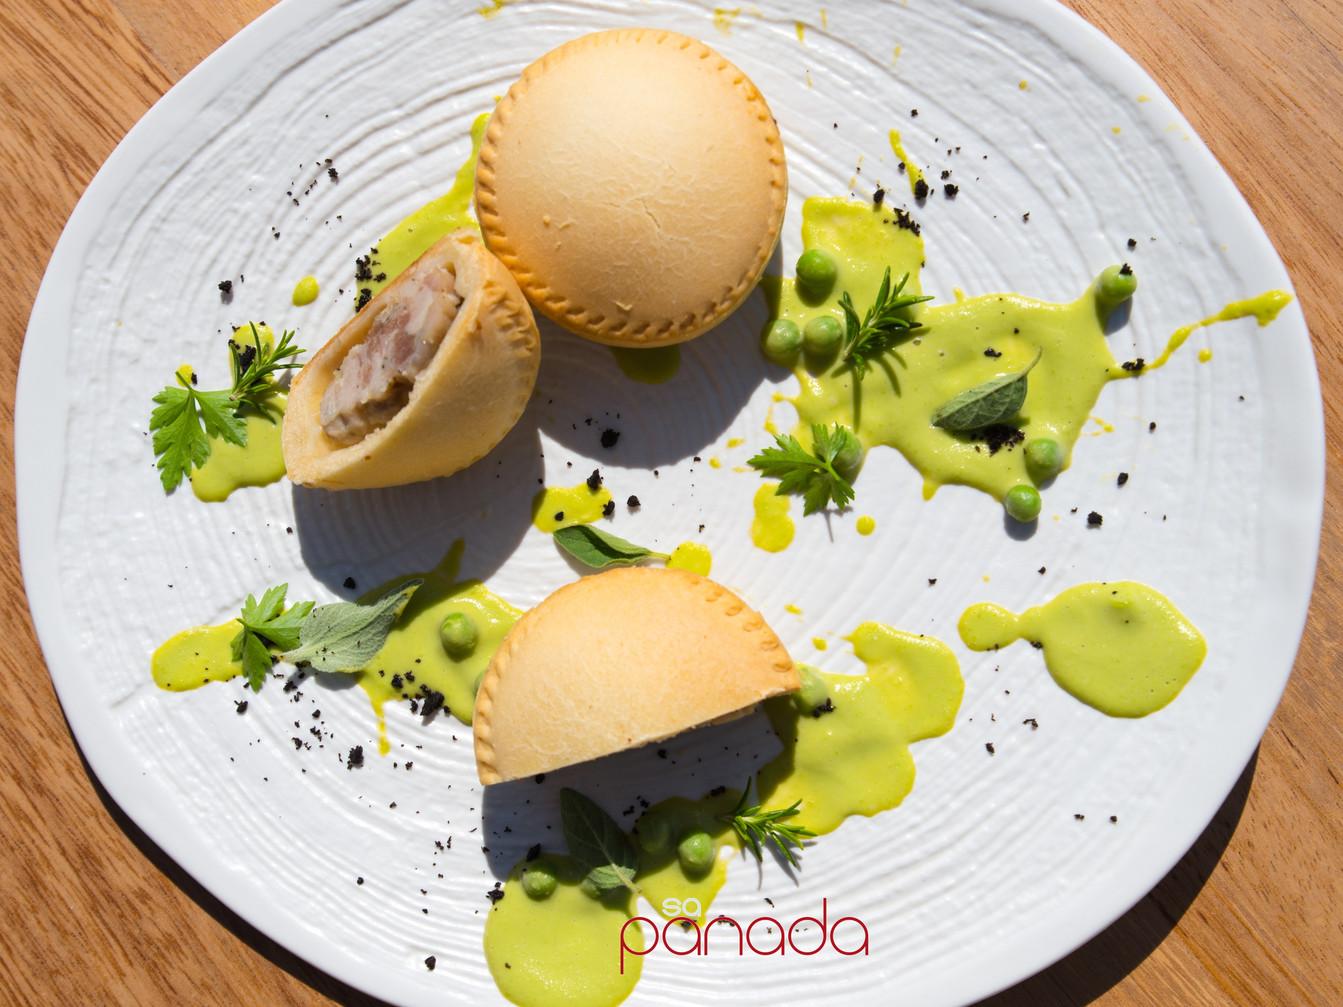 Panada tradizionale di suino su crema di pisellini verdi